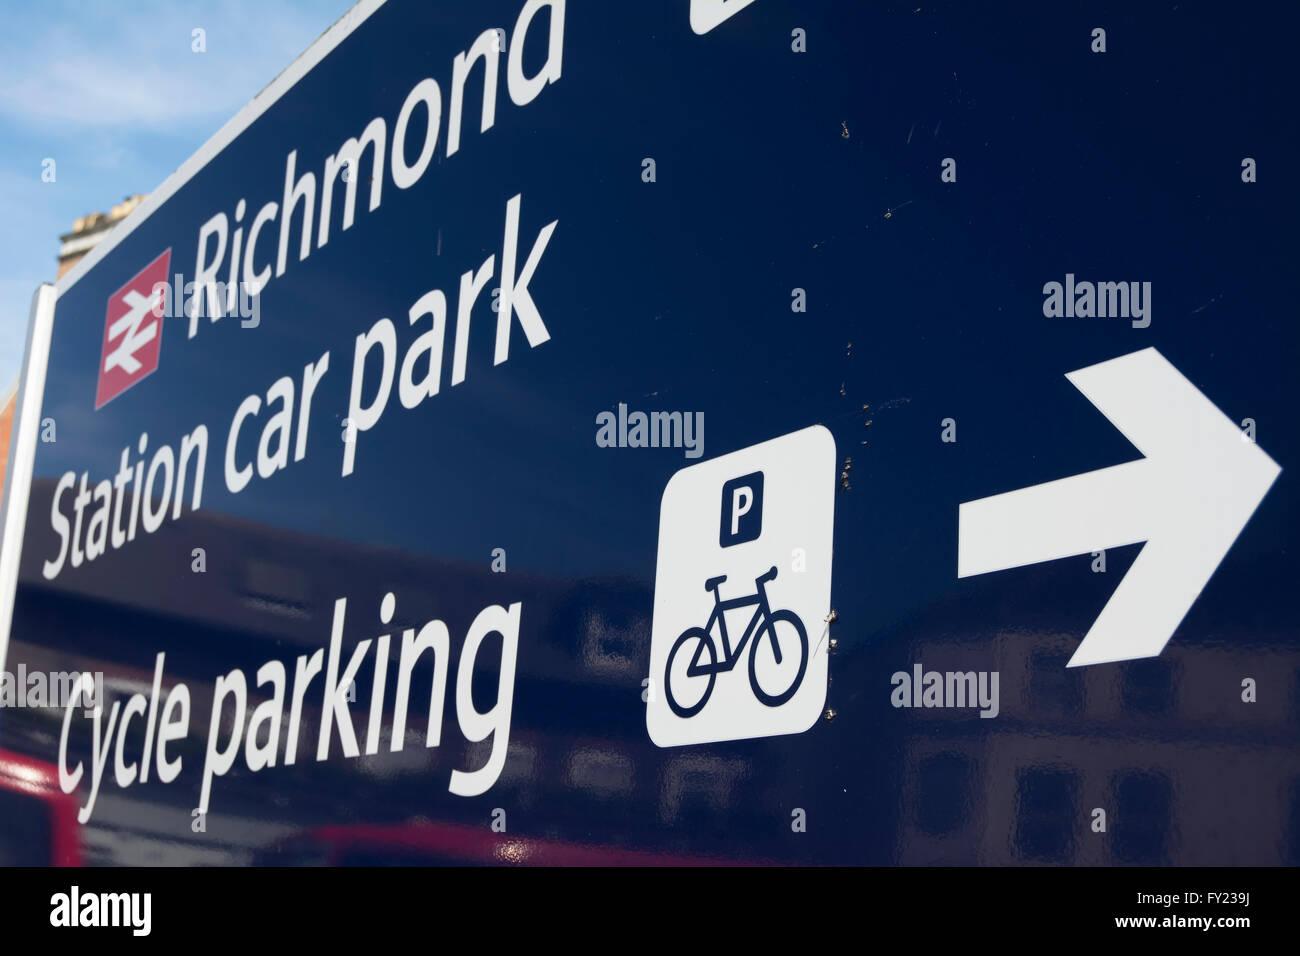 Car Parking At Richmond Underground Station